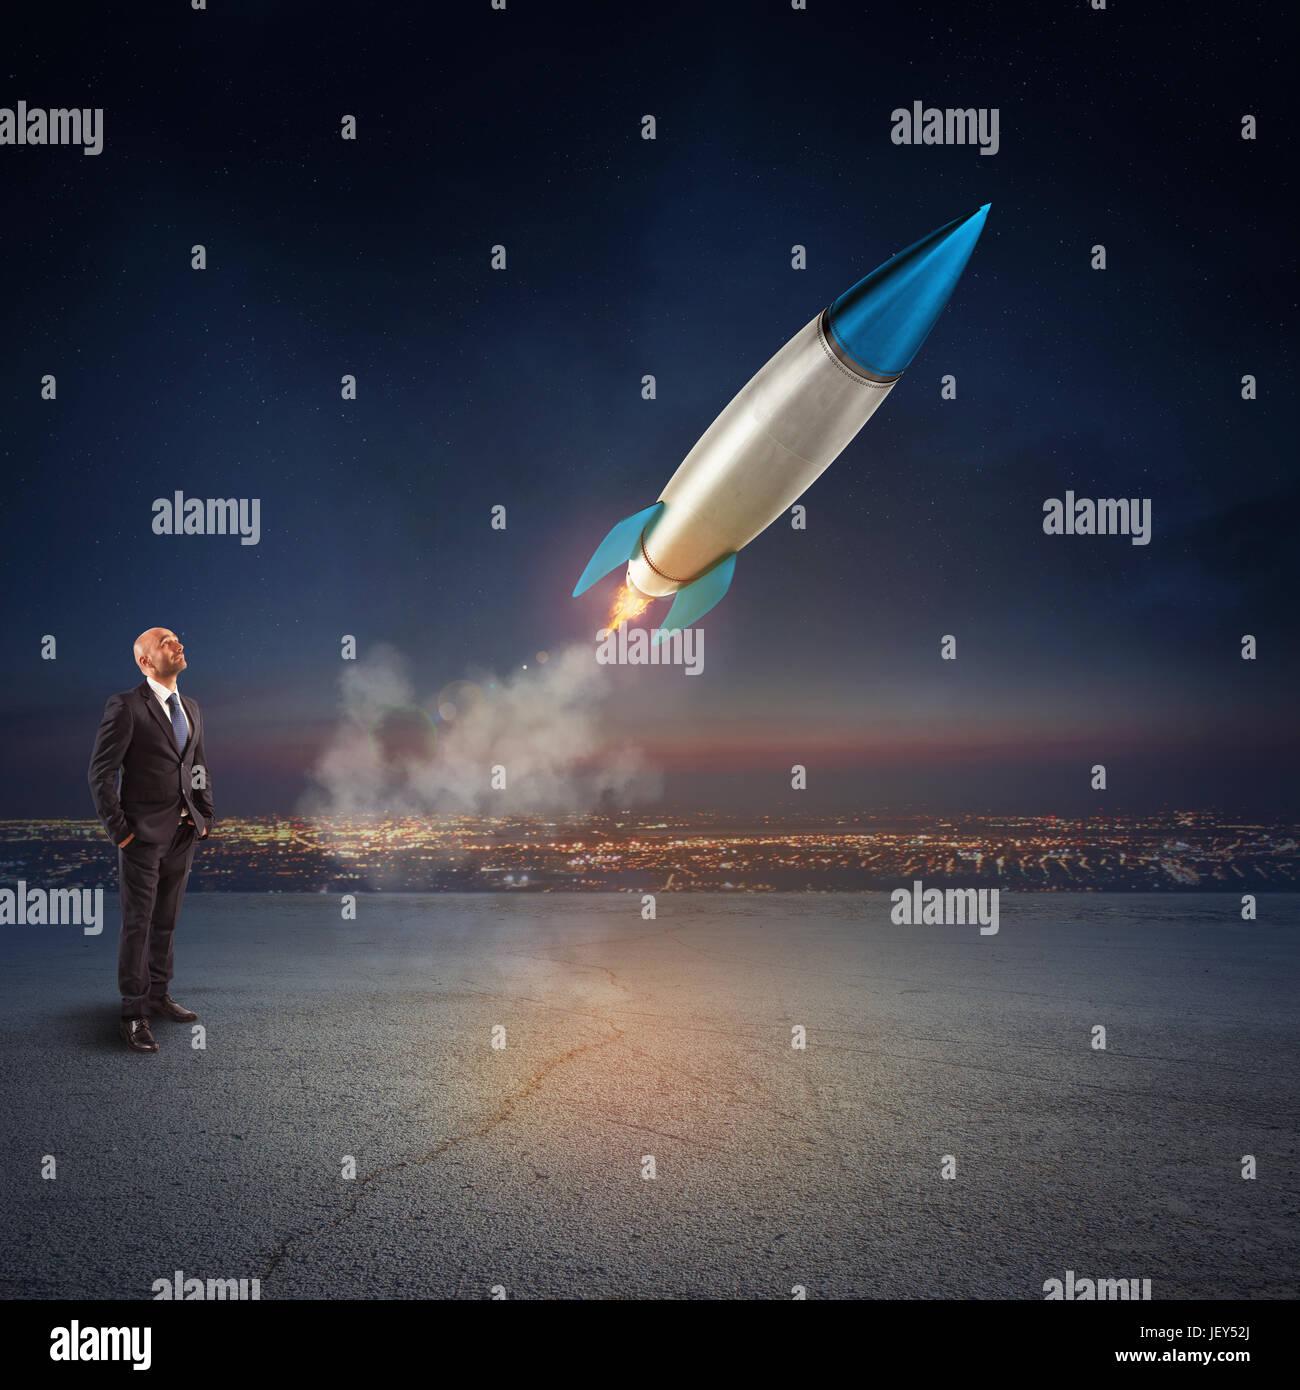 El empresario espera iniciar un misil. Concepto de empresa y el inicio de nuevos negocios. 3D Rendering. Imagen De Stock